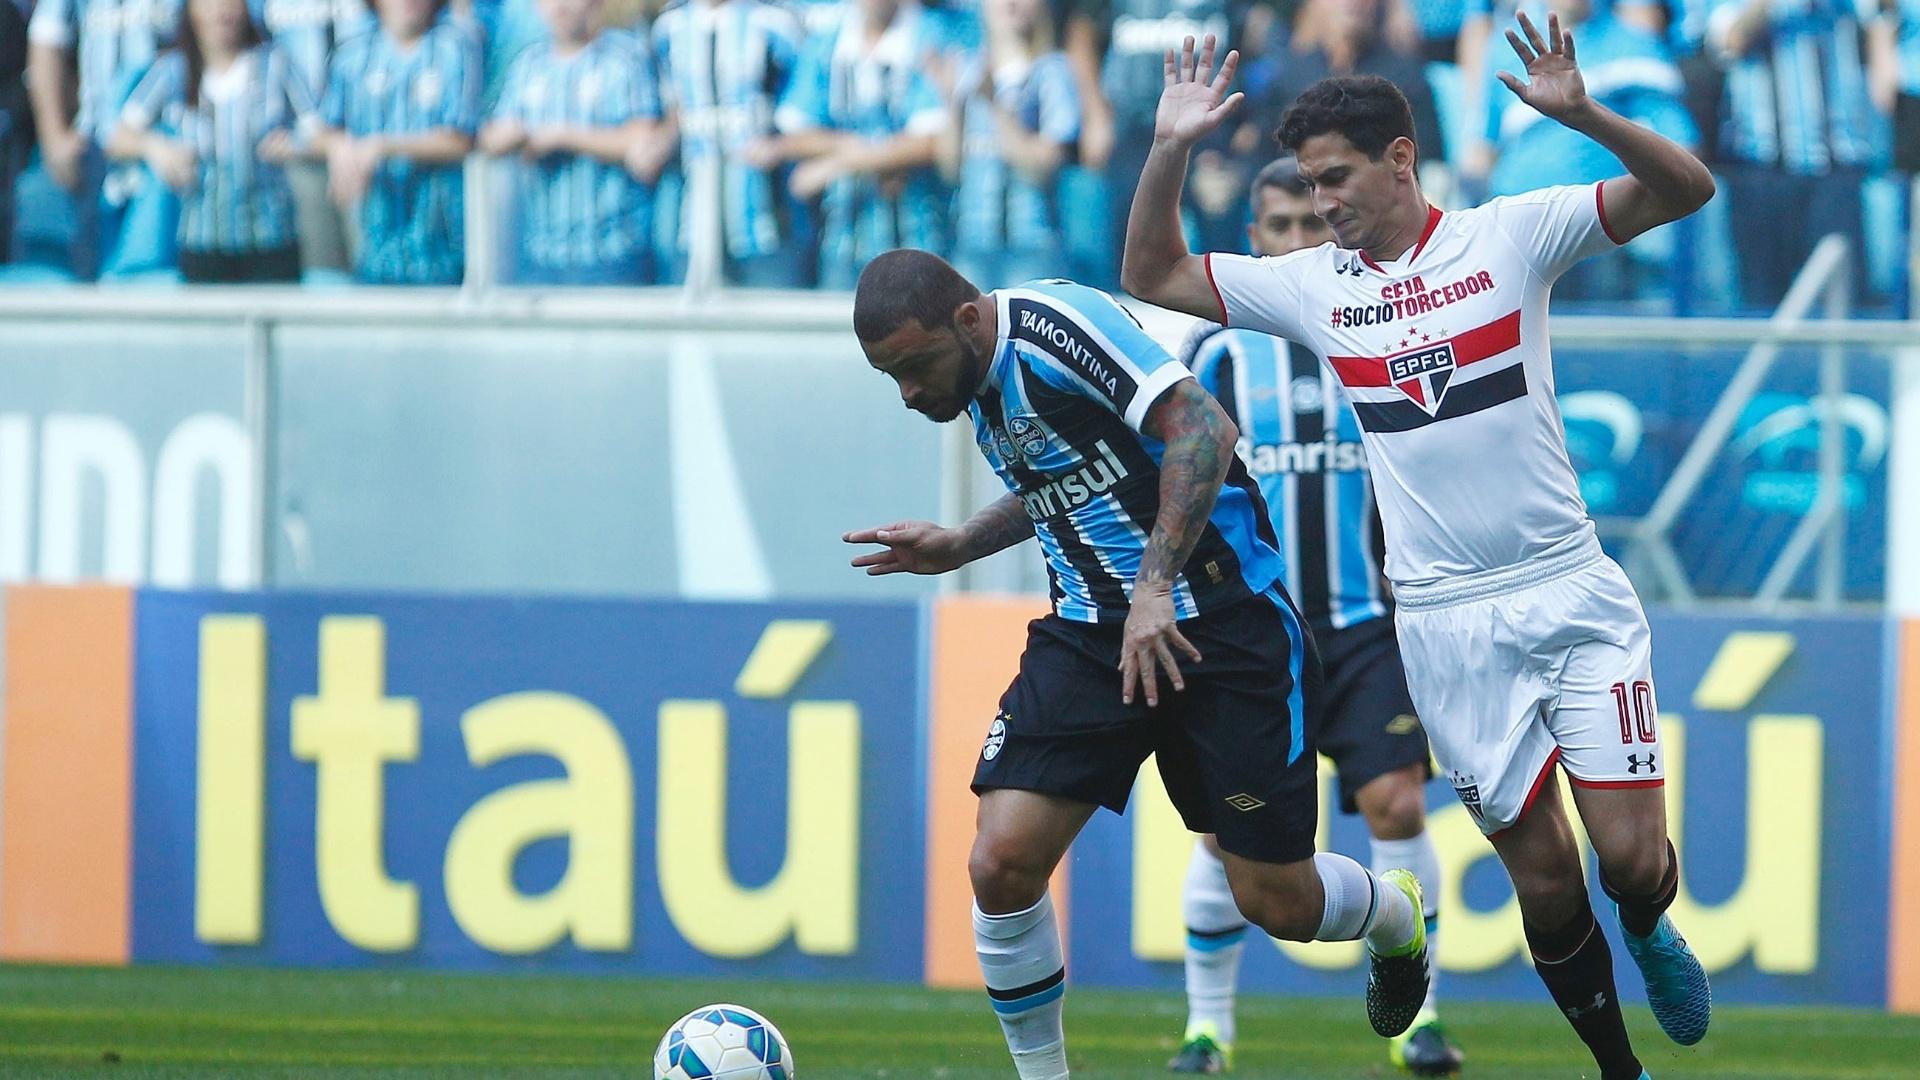 Ganso evita fazer a falta durante a partida entre Grêmio e São Paulo